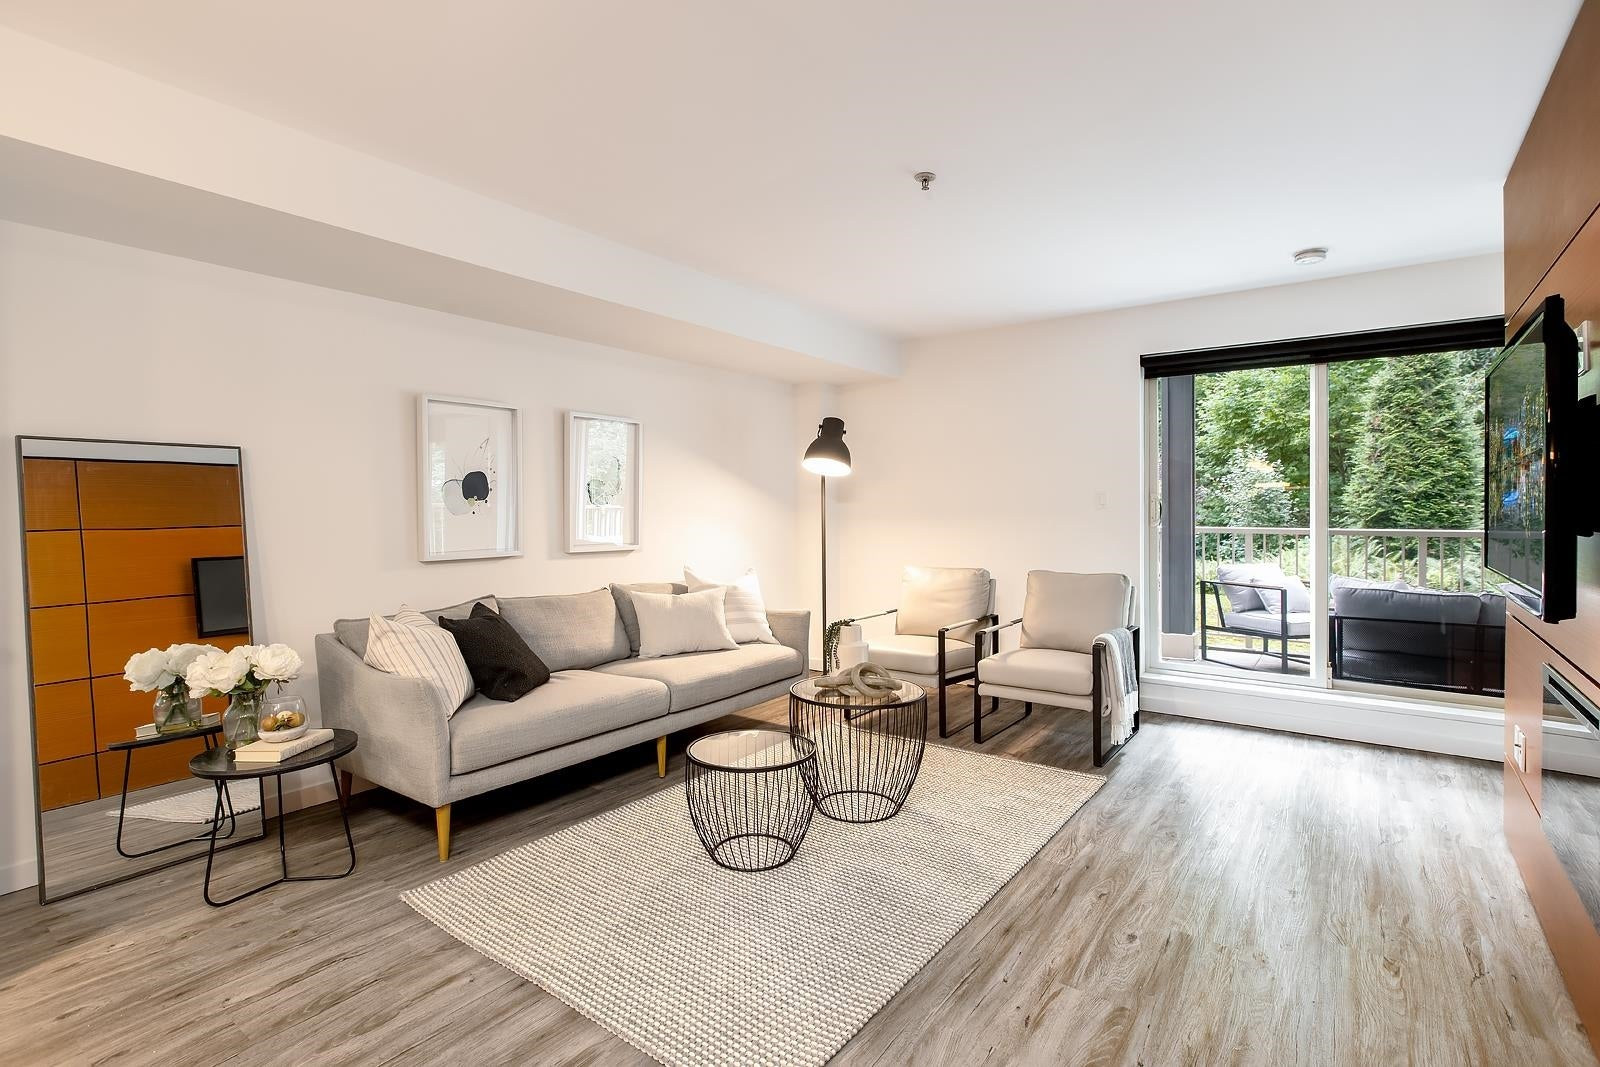 102 2832 CAPILANO ROAD - Capilano NV Apartment/Condo for sale, 2 Bedrooms (R2610115) - #1